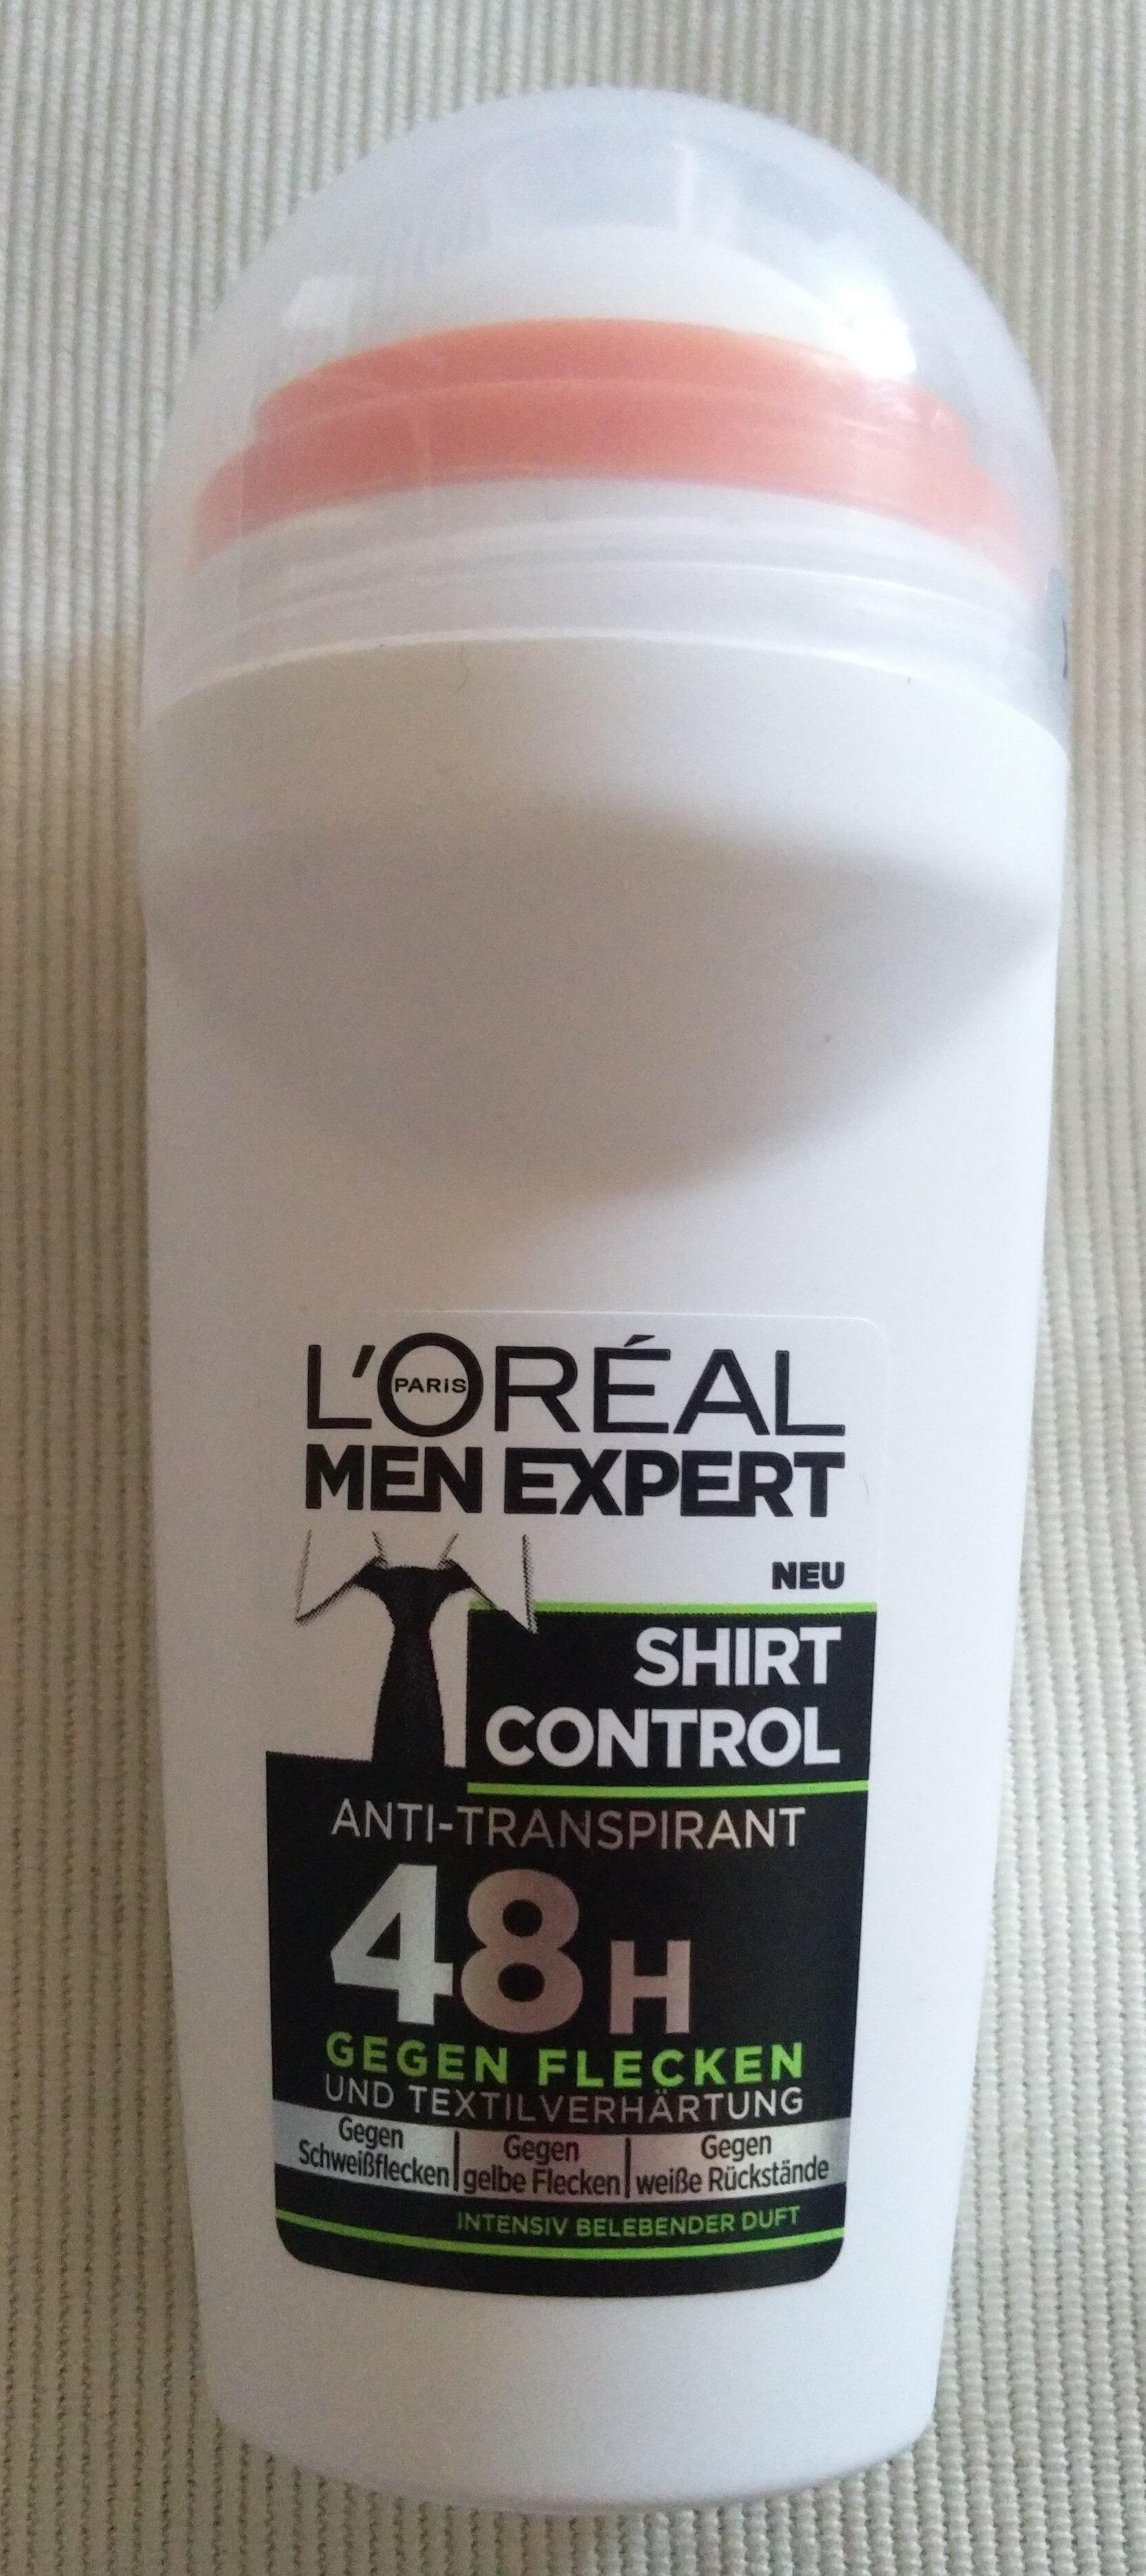 Shirt Control - Product - de